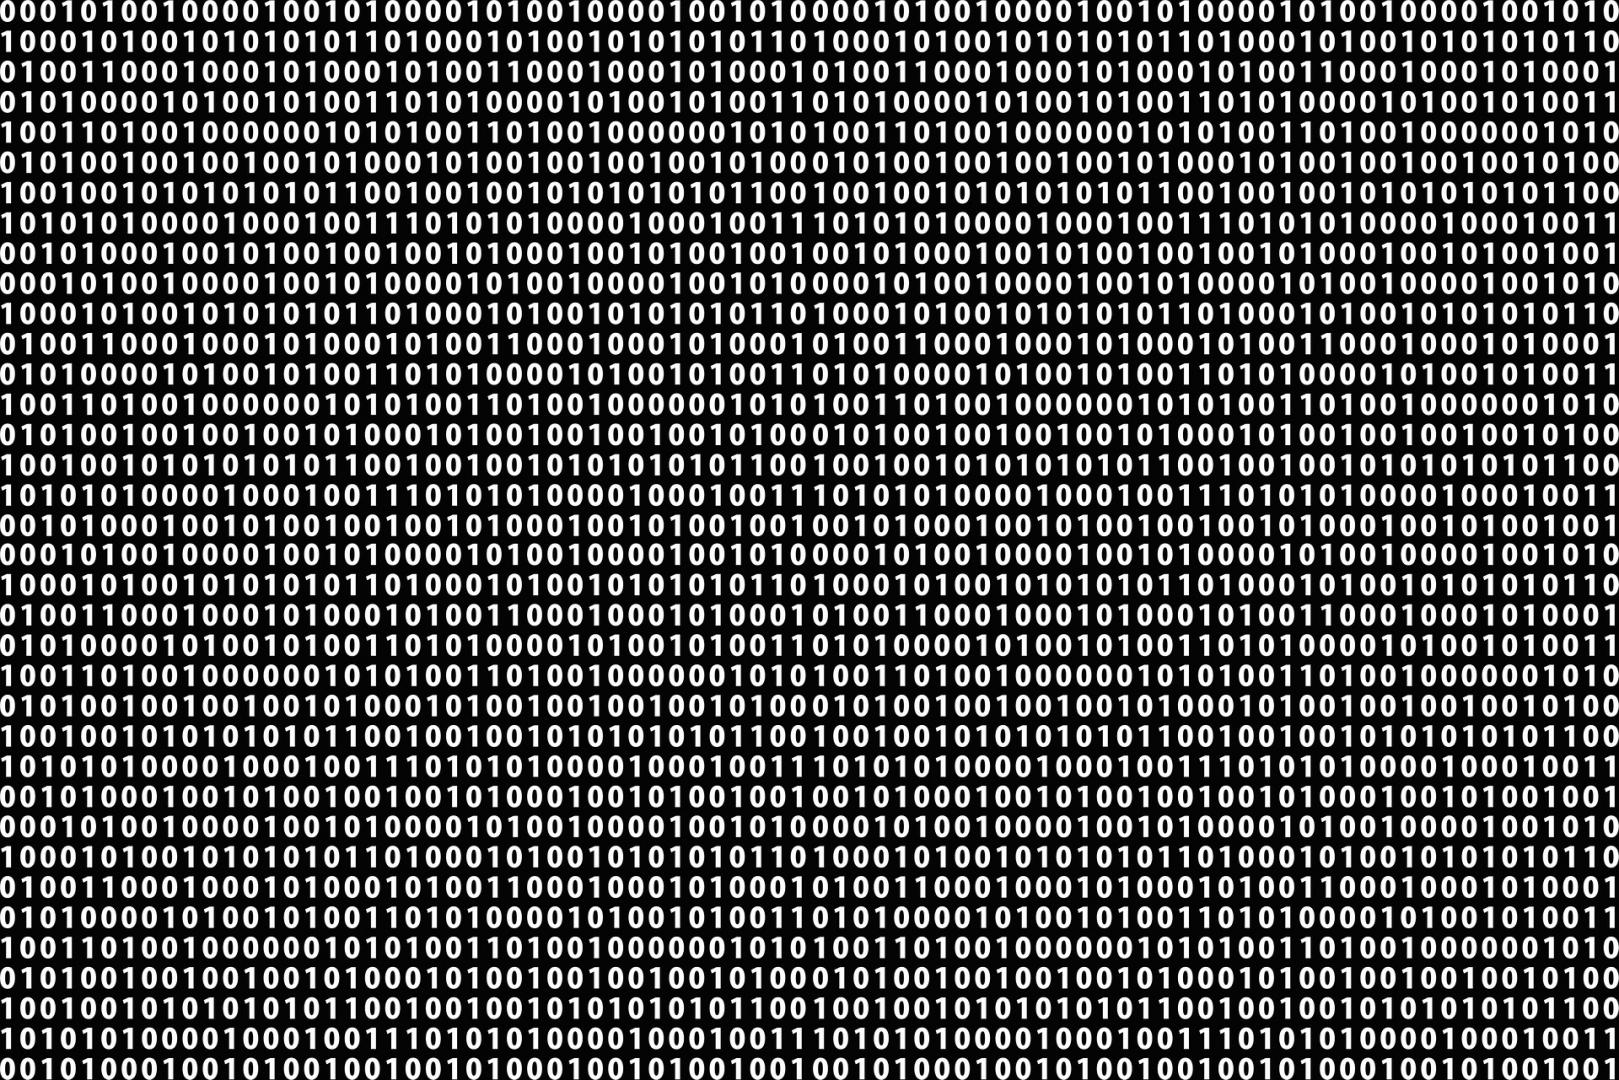 Только новые коды картинок